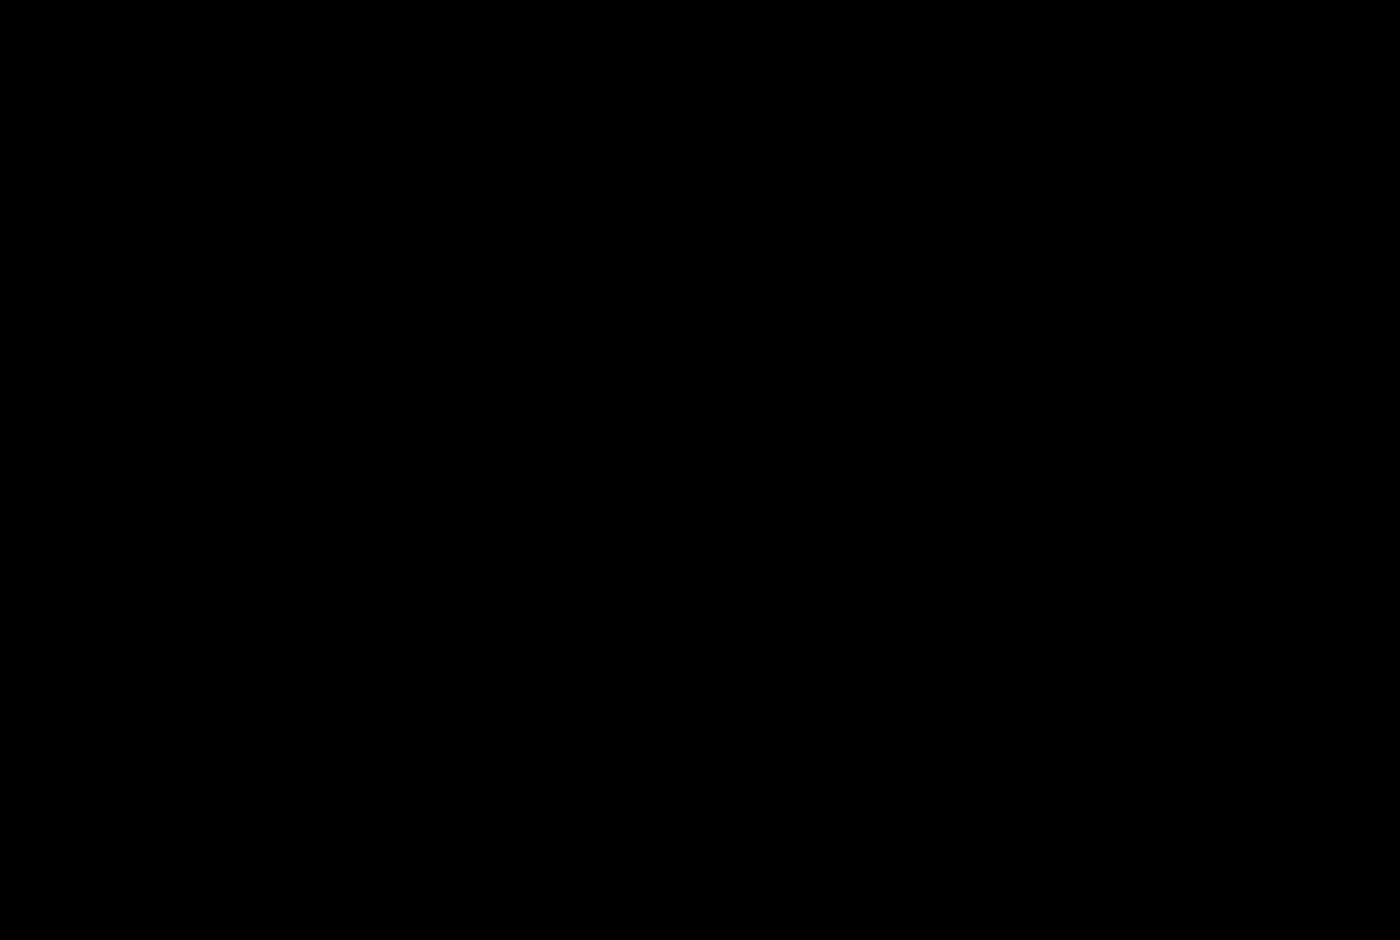 bauhaus-arkadenoptik-erker-grundriss-og